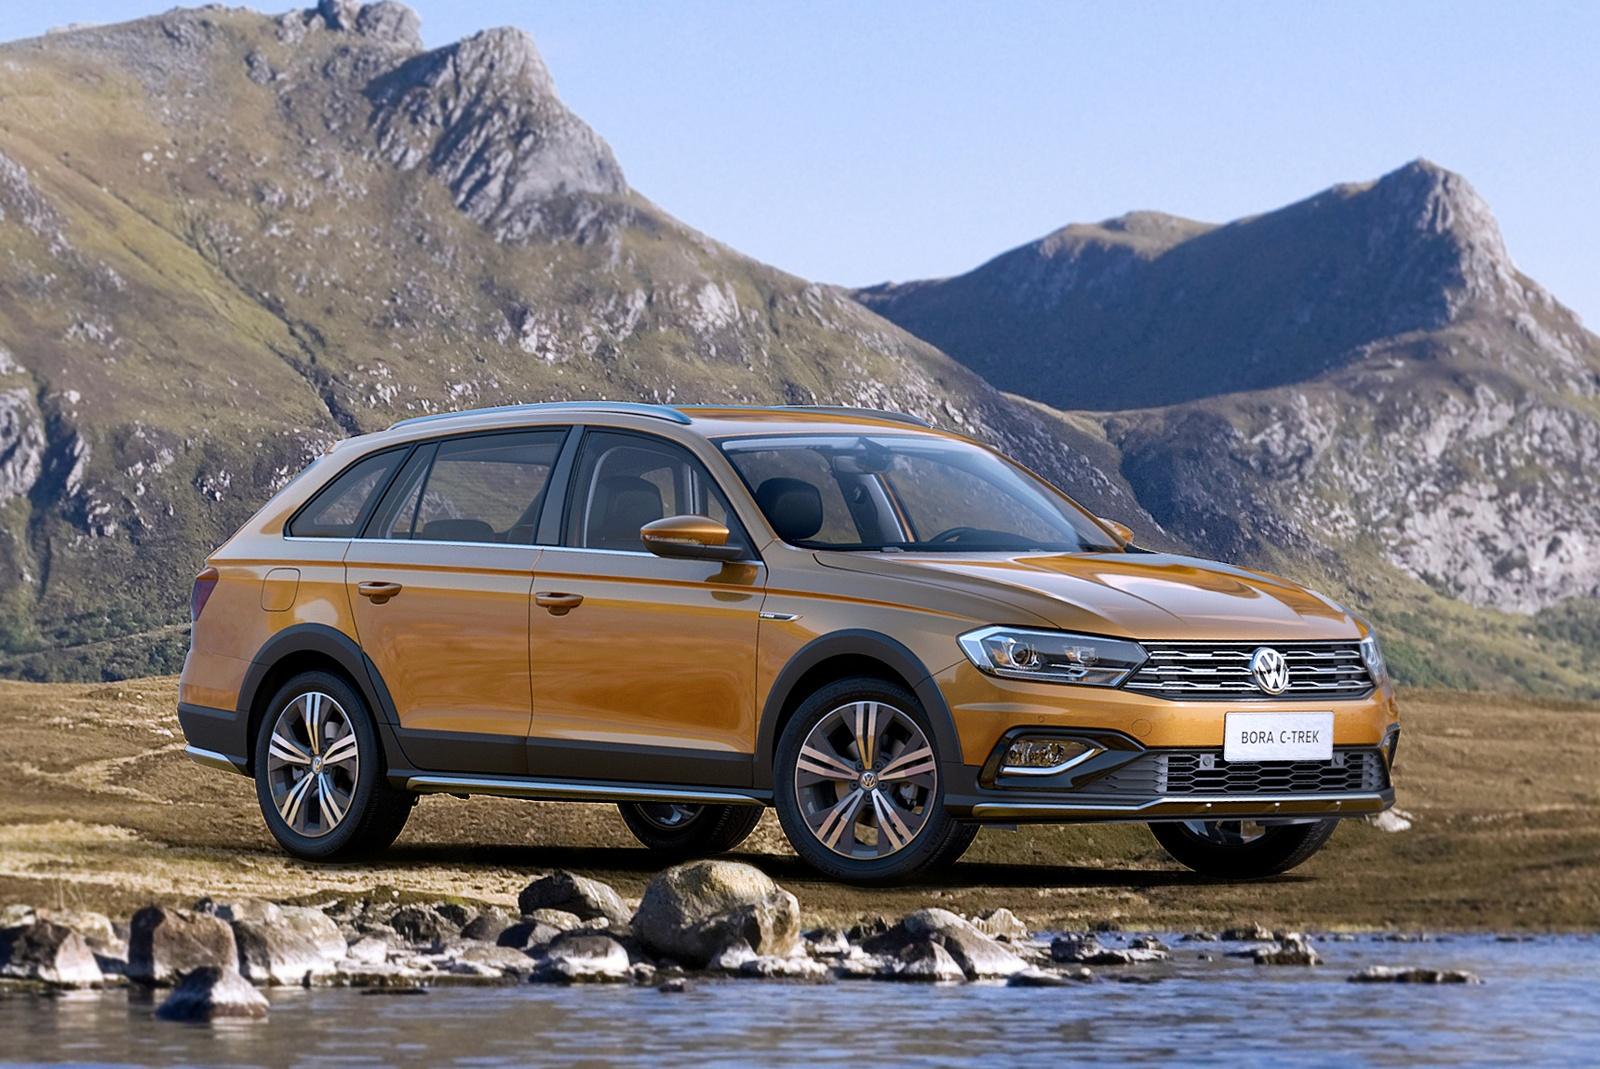 Volkswagen Bora C-Trek